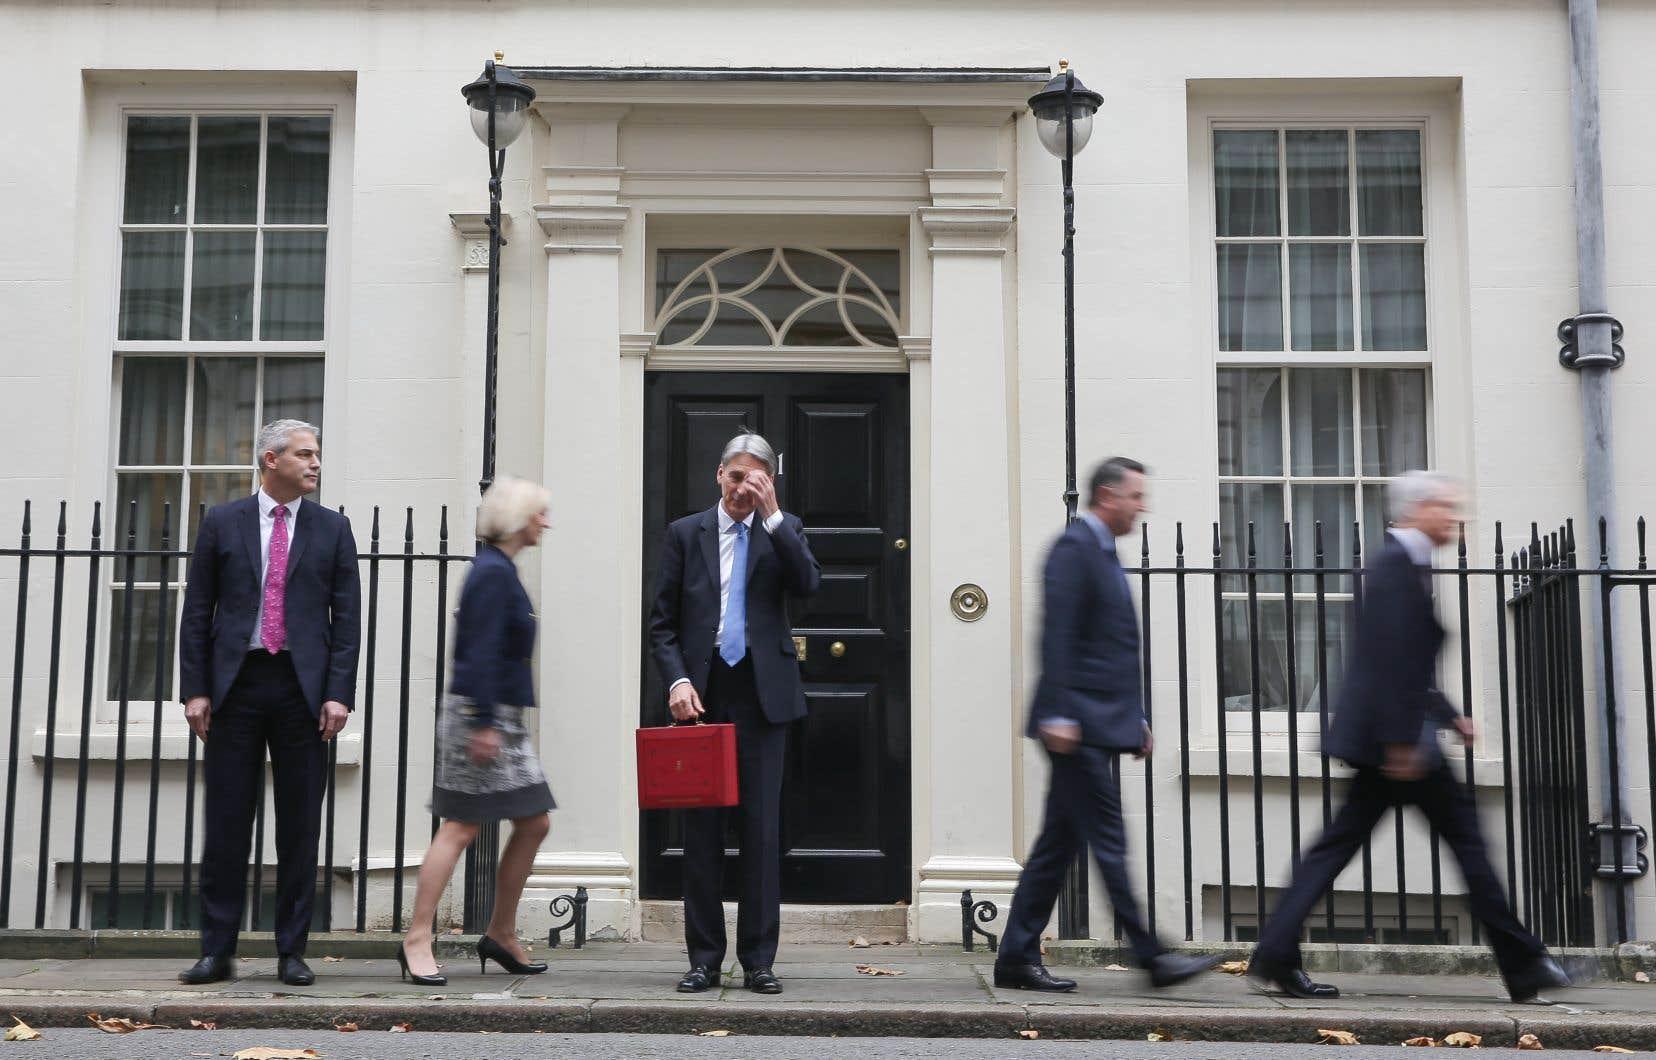 L'économie du pays est freinée par la baisse du pouvoir d'achat des Britanniques à cause d'une inflation accélérée par la dépréciation de la livre, elle-même provoquée par les doutes sur le Brexit.